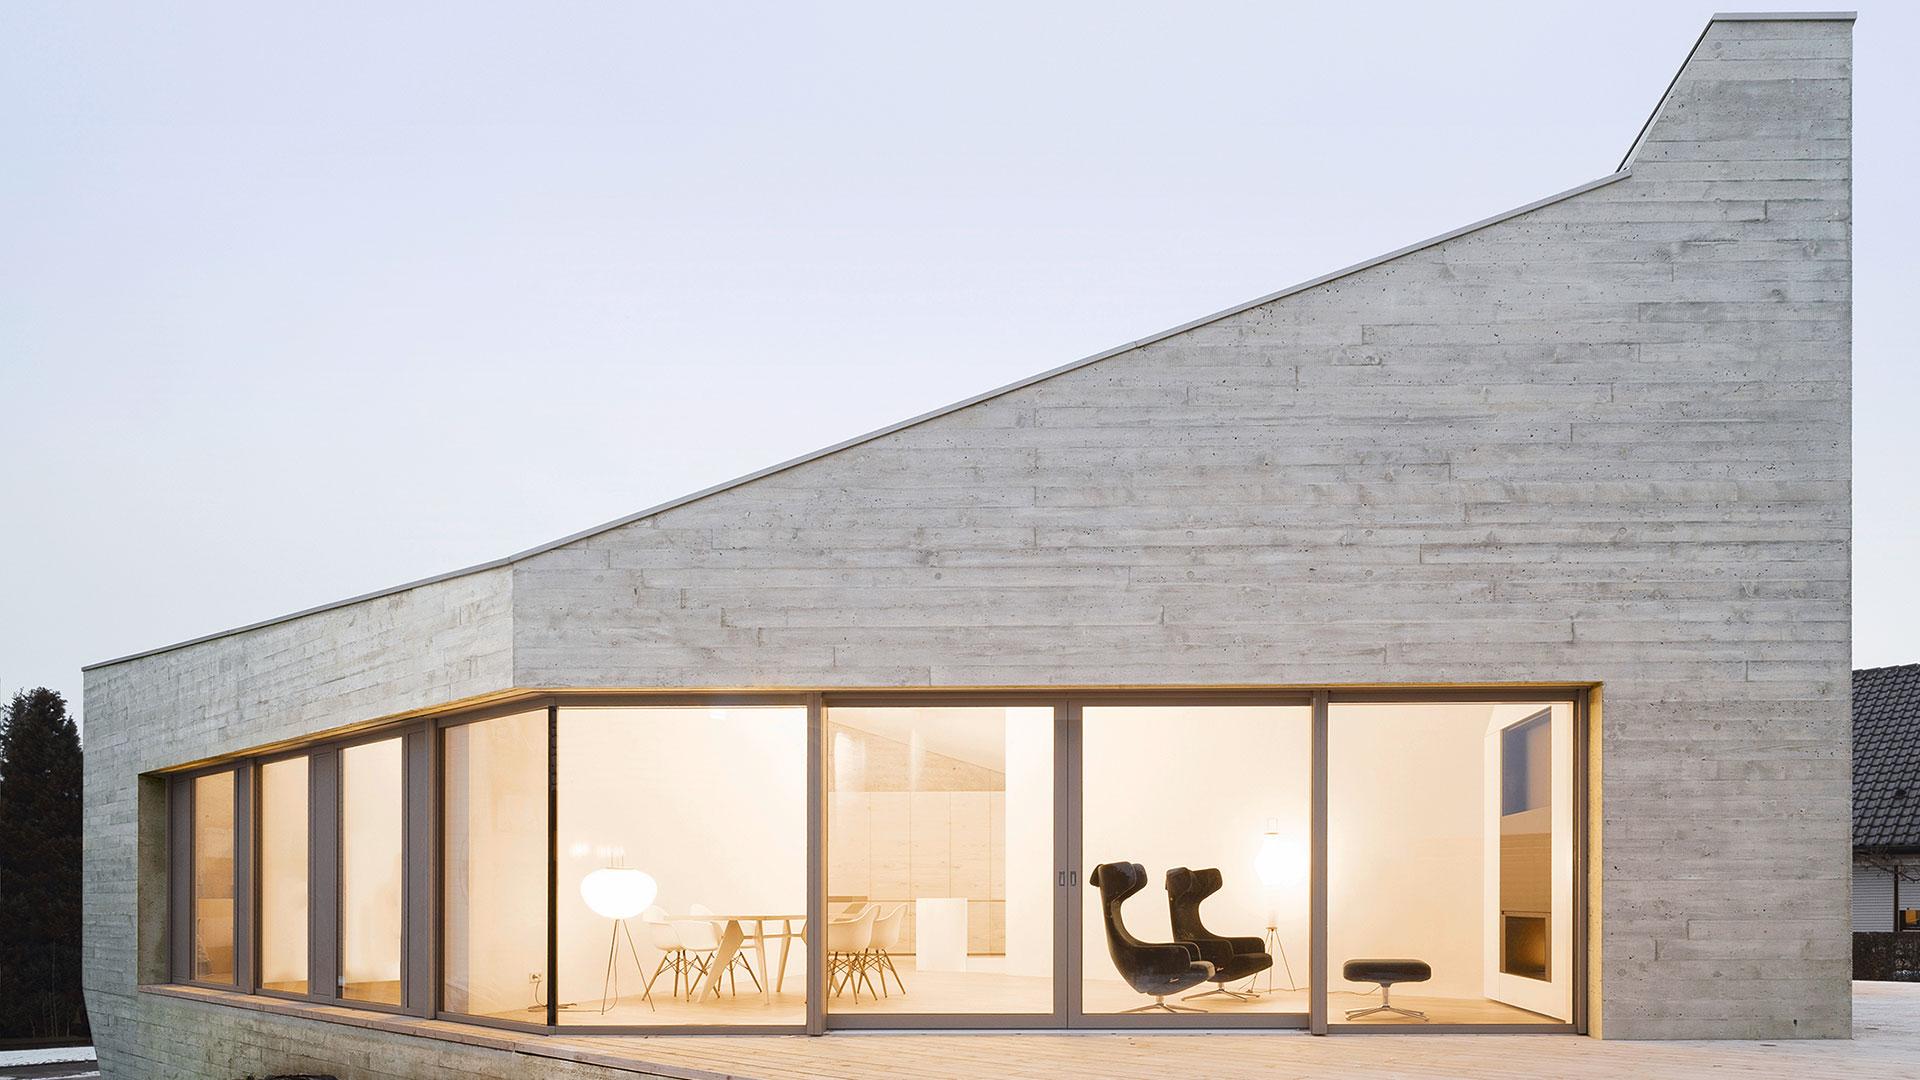 Wohngebäude in monolithischer Bauweise, Ansicht seiner großflächigen Terrasse und Fensterfront mit Blick ins Innere.